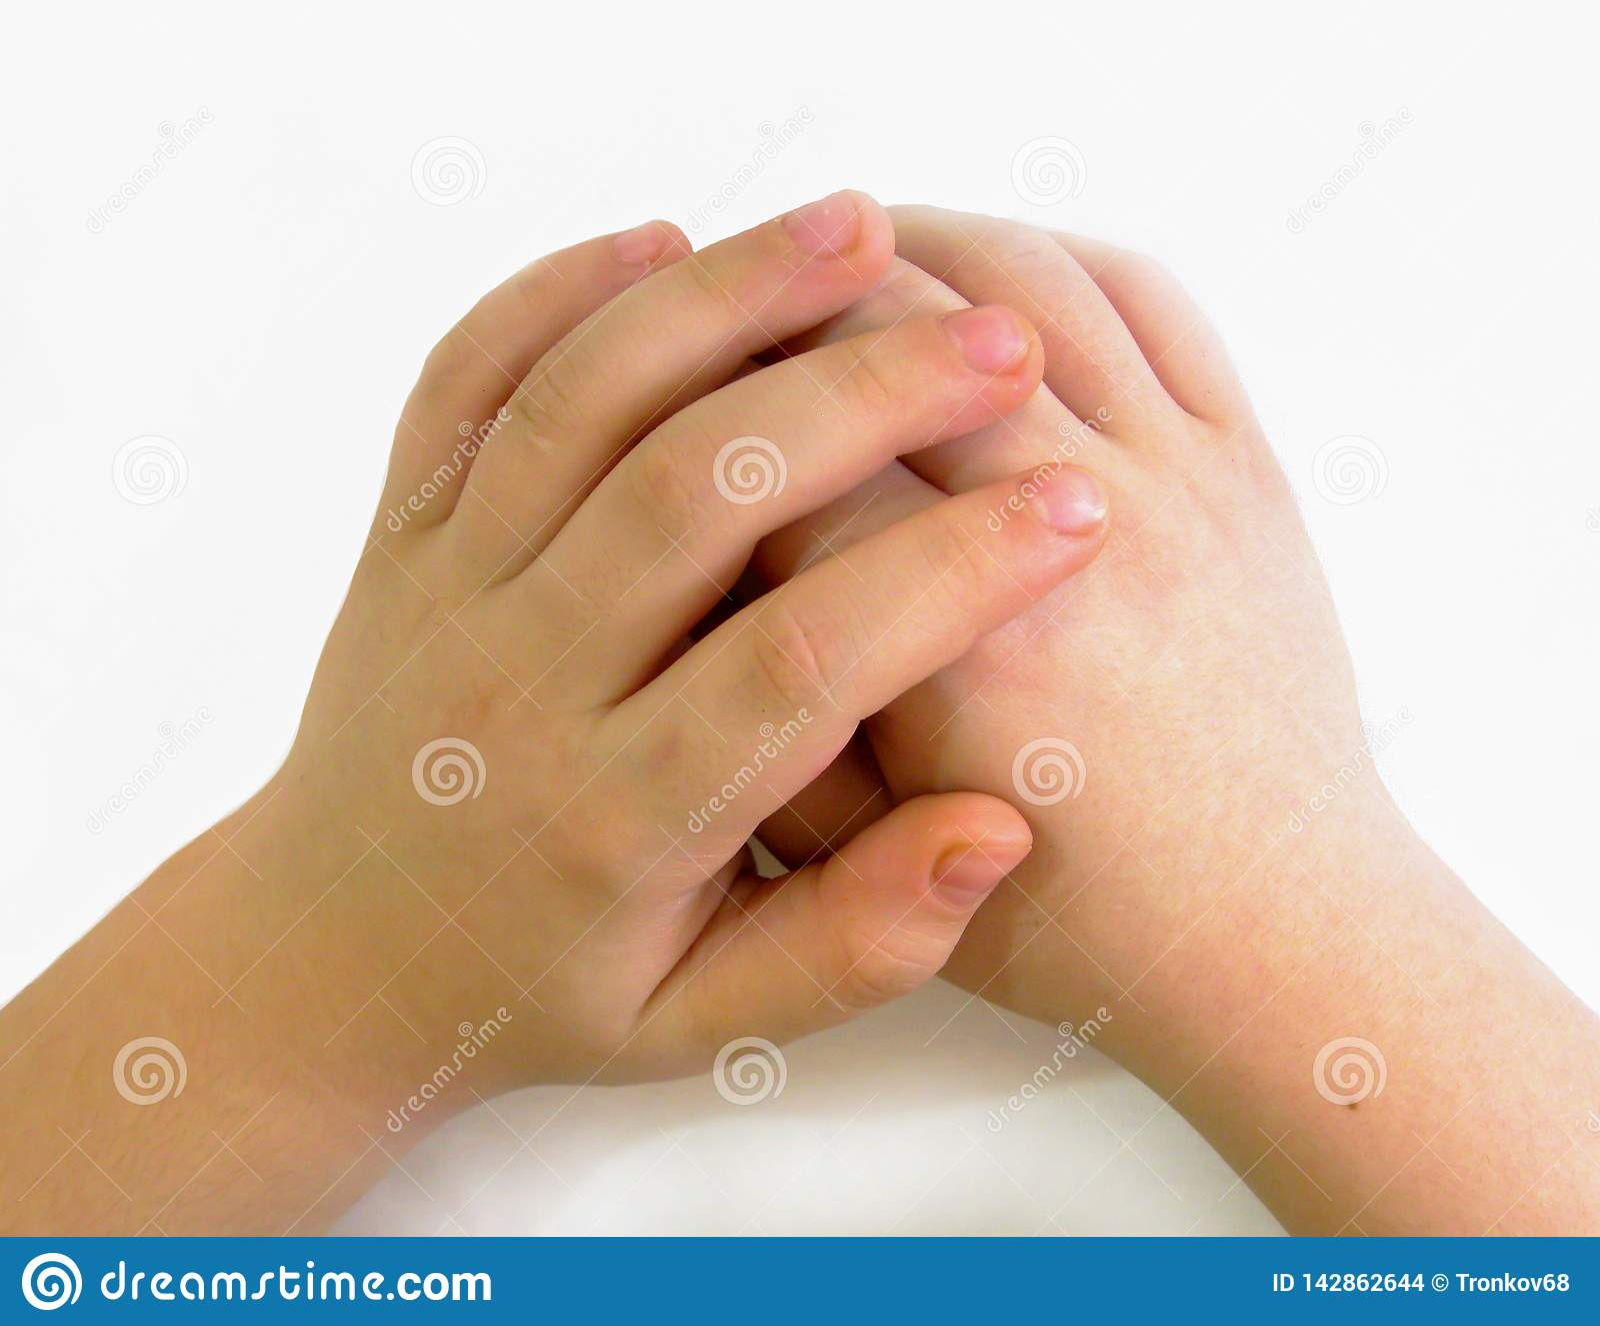 Mänskliga händer är en av de mest uttrycksfulla delarna av kroppen